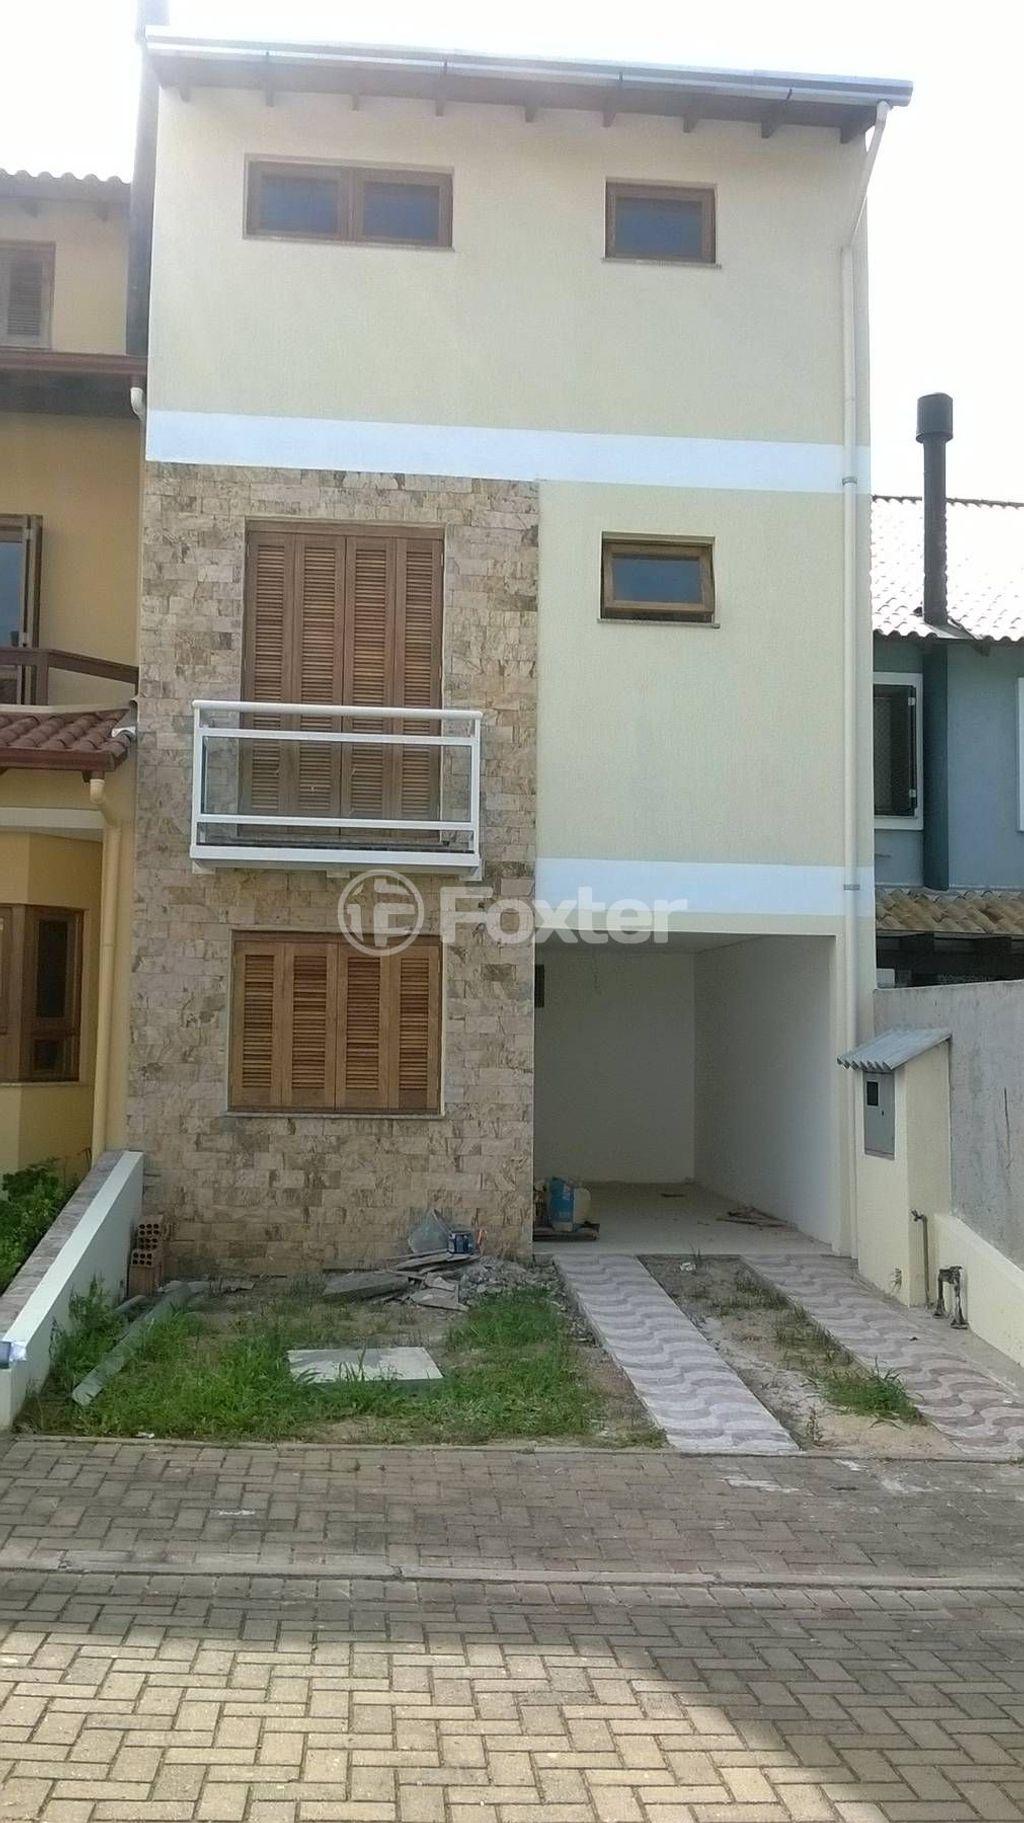 Foxter Imobiliária - Casa 3 Dorm, Vila Nova - Foto 10